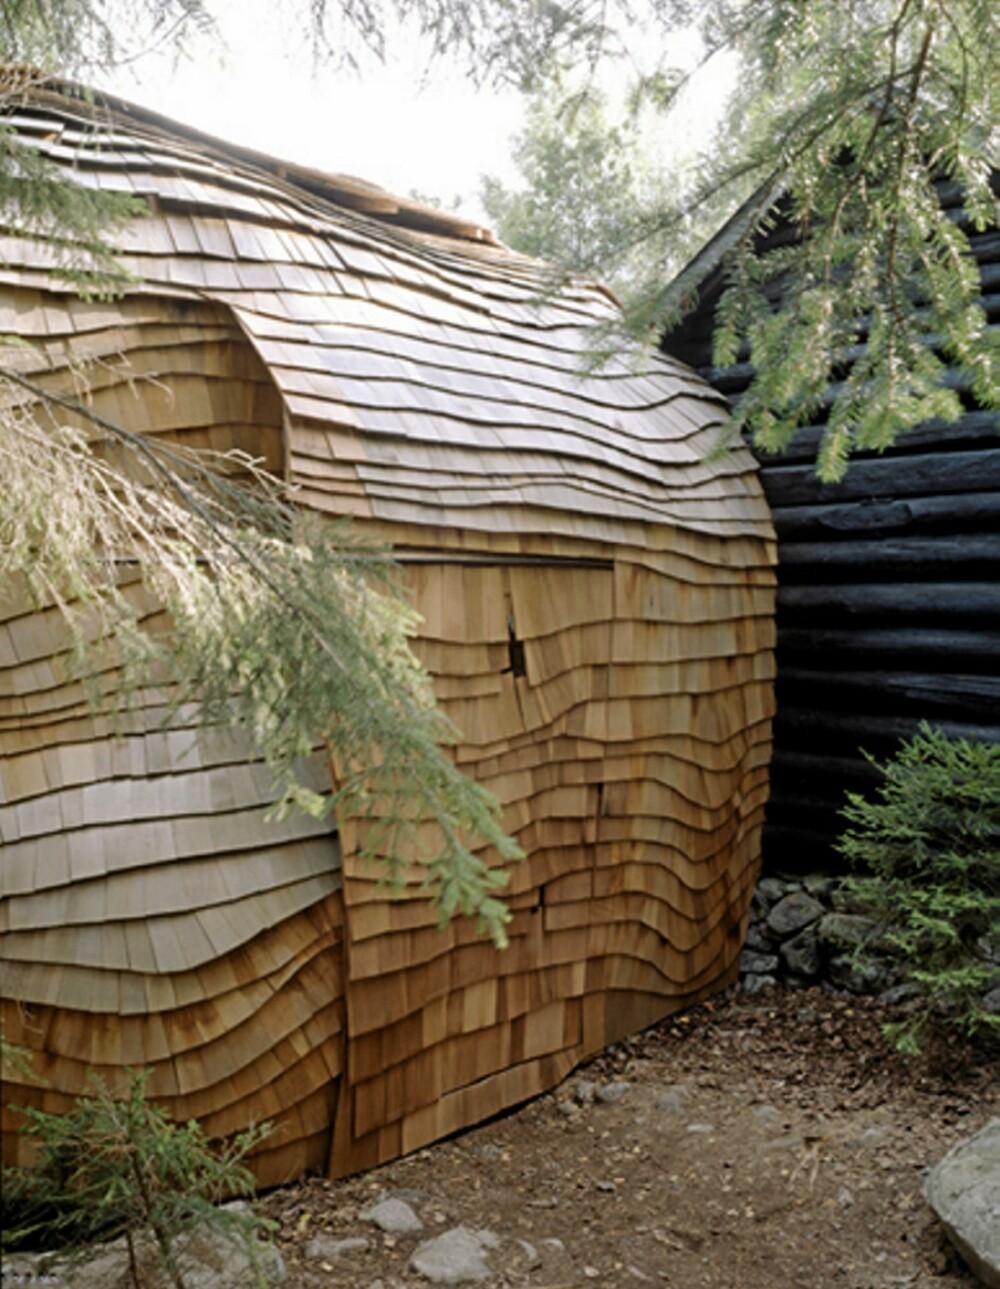 ET DYRISK HUS: Måten veggen er bygget opp av takspon i sedertre gjør at huset minner om et krypdyr.